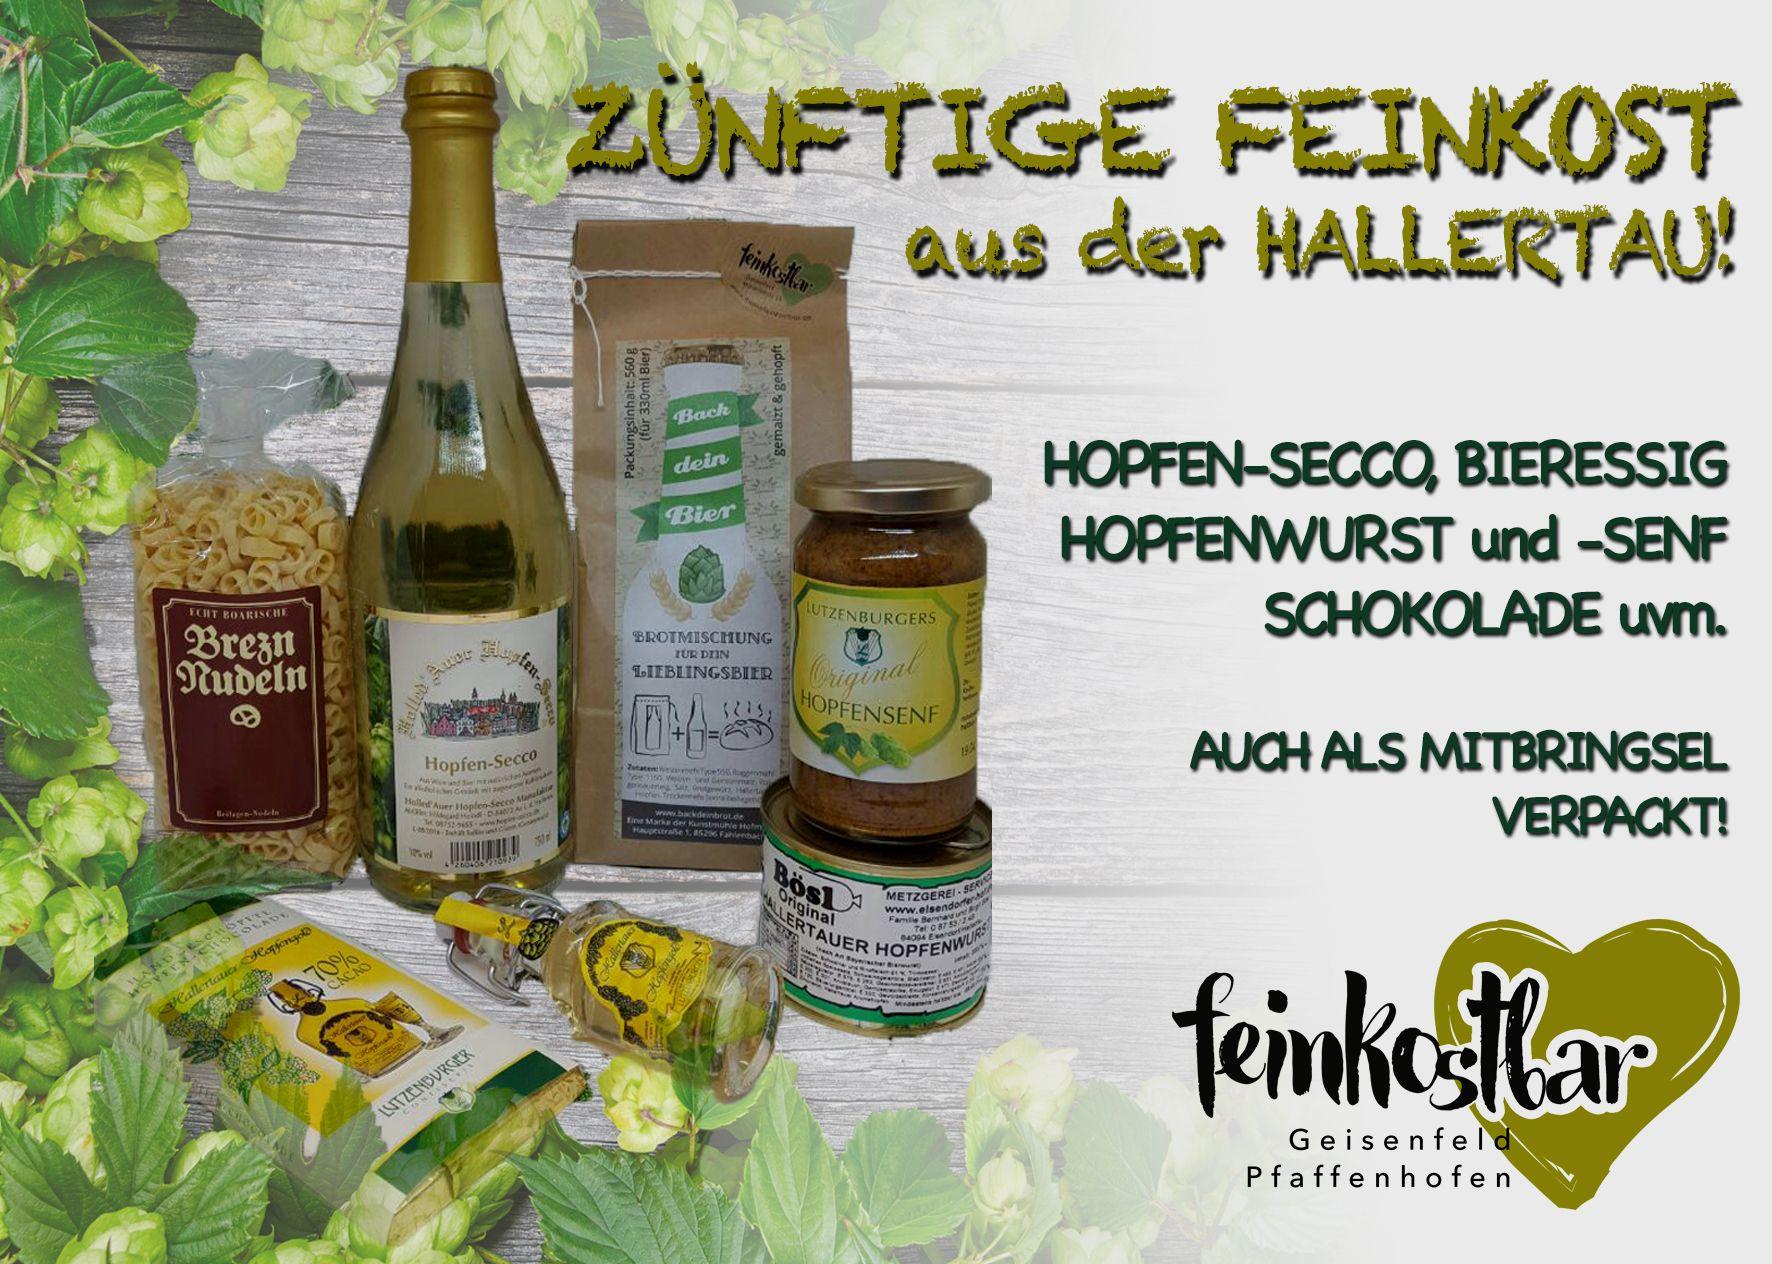 FEINKOSTBAR Pfaffenhofen